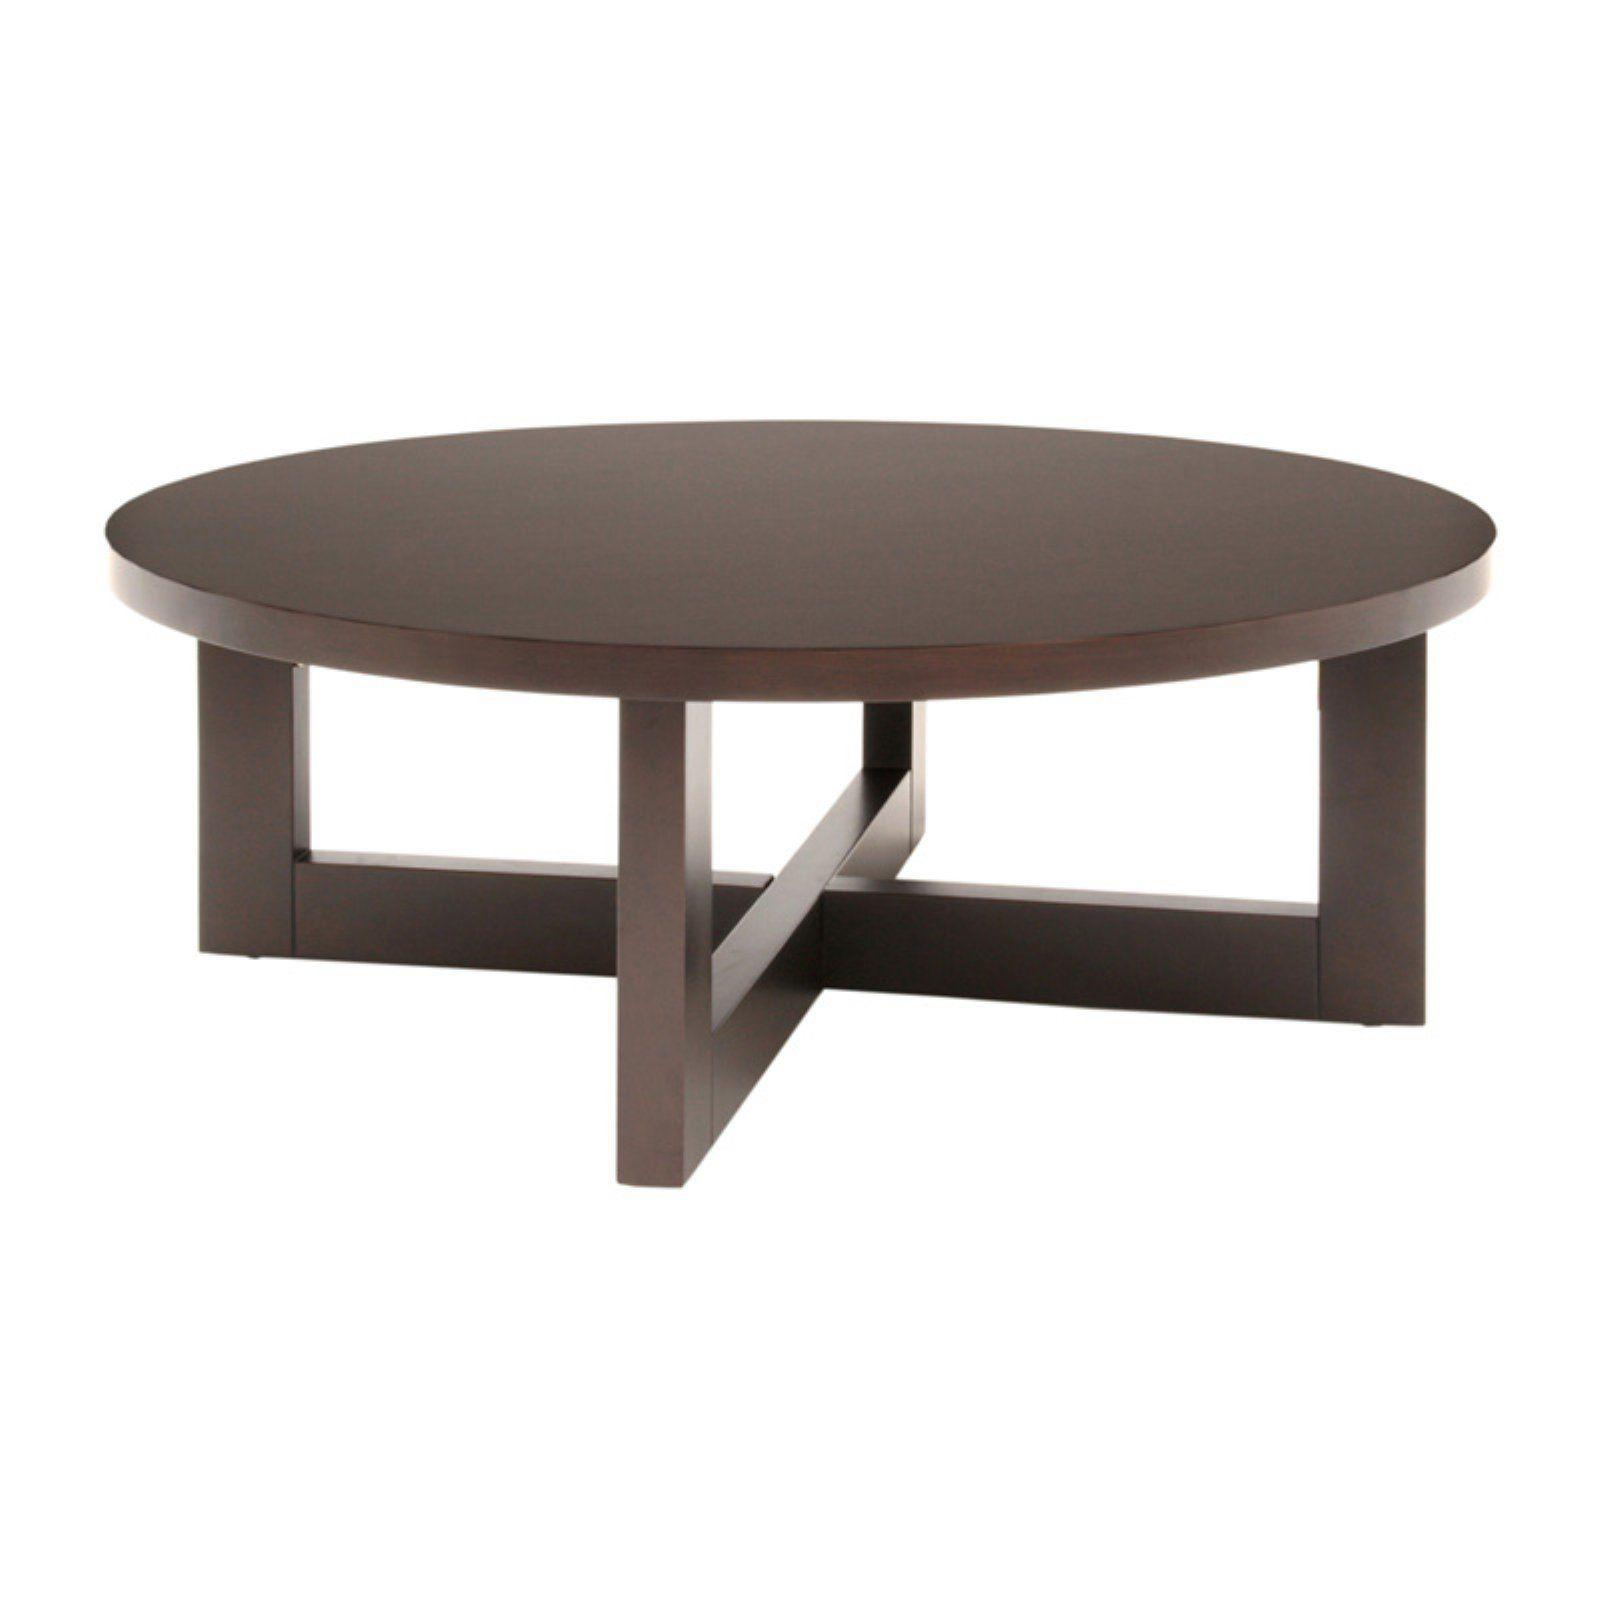 Regency Chloe Round Coffee Table In 2021 Round Wood Coffee Table Coffee Table Wood Coffee Table [ 1600 x 1600 Pixel ]